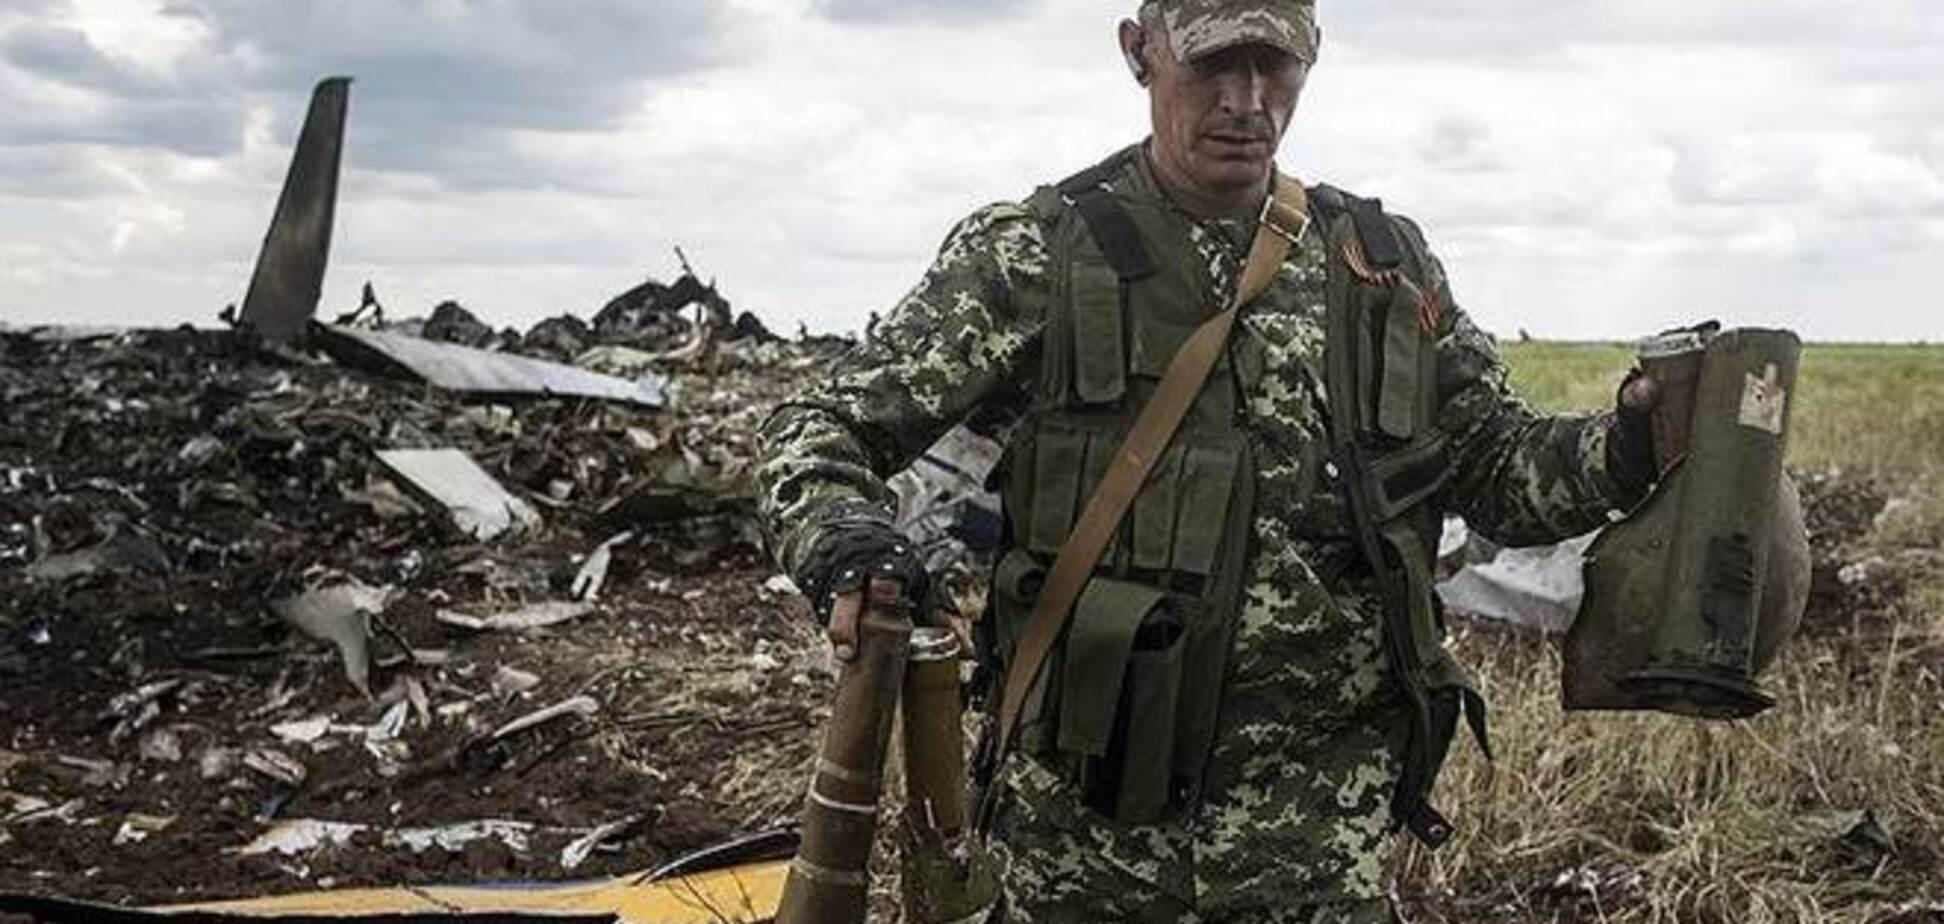 Погибший в Луганске экипаж мелитопольской авиабригады похоронят в одной могиле